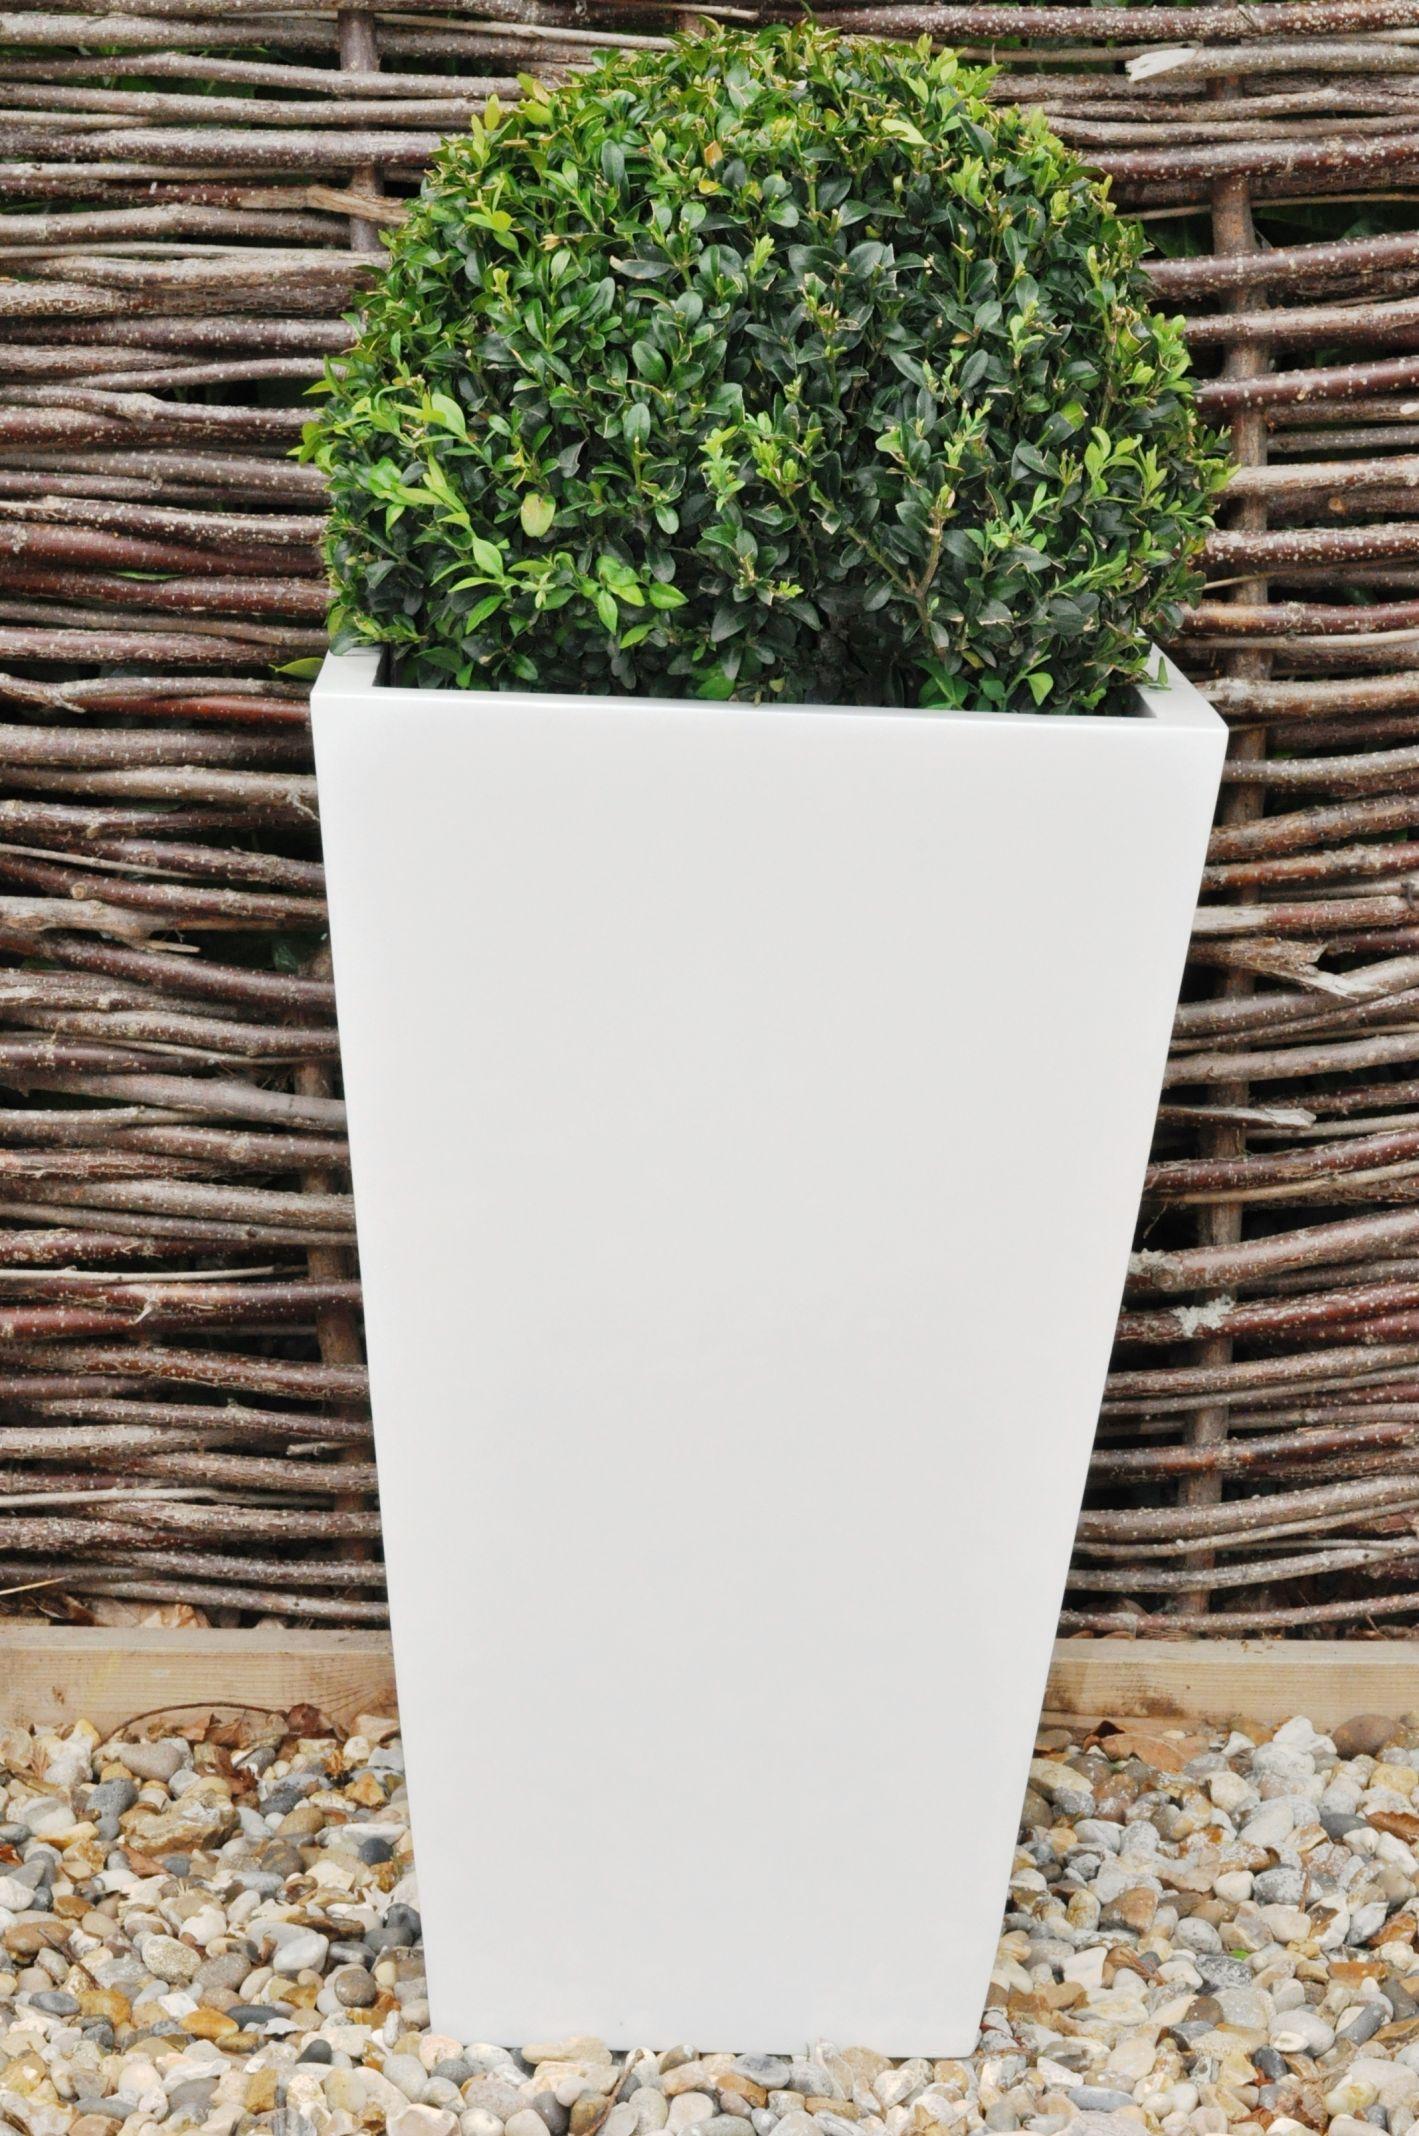 contemporary square flower pot  gartenideen  pinterest  gardens  - contemporary square flower pot